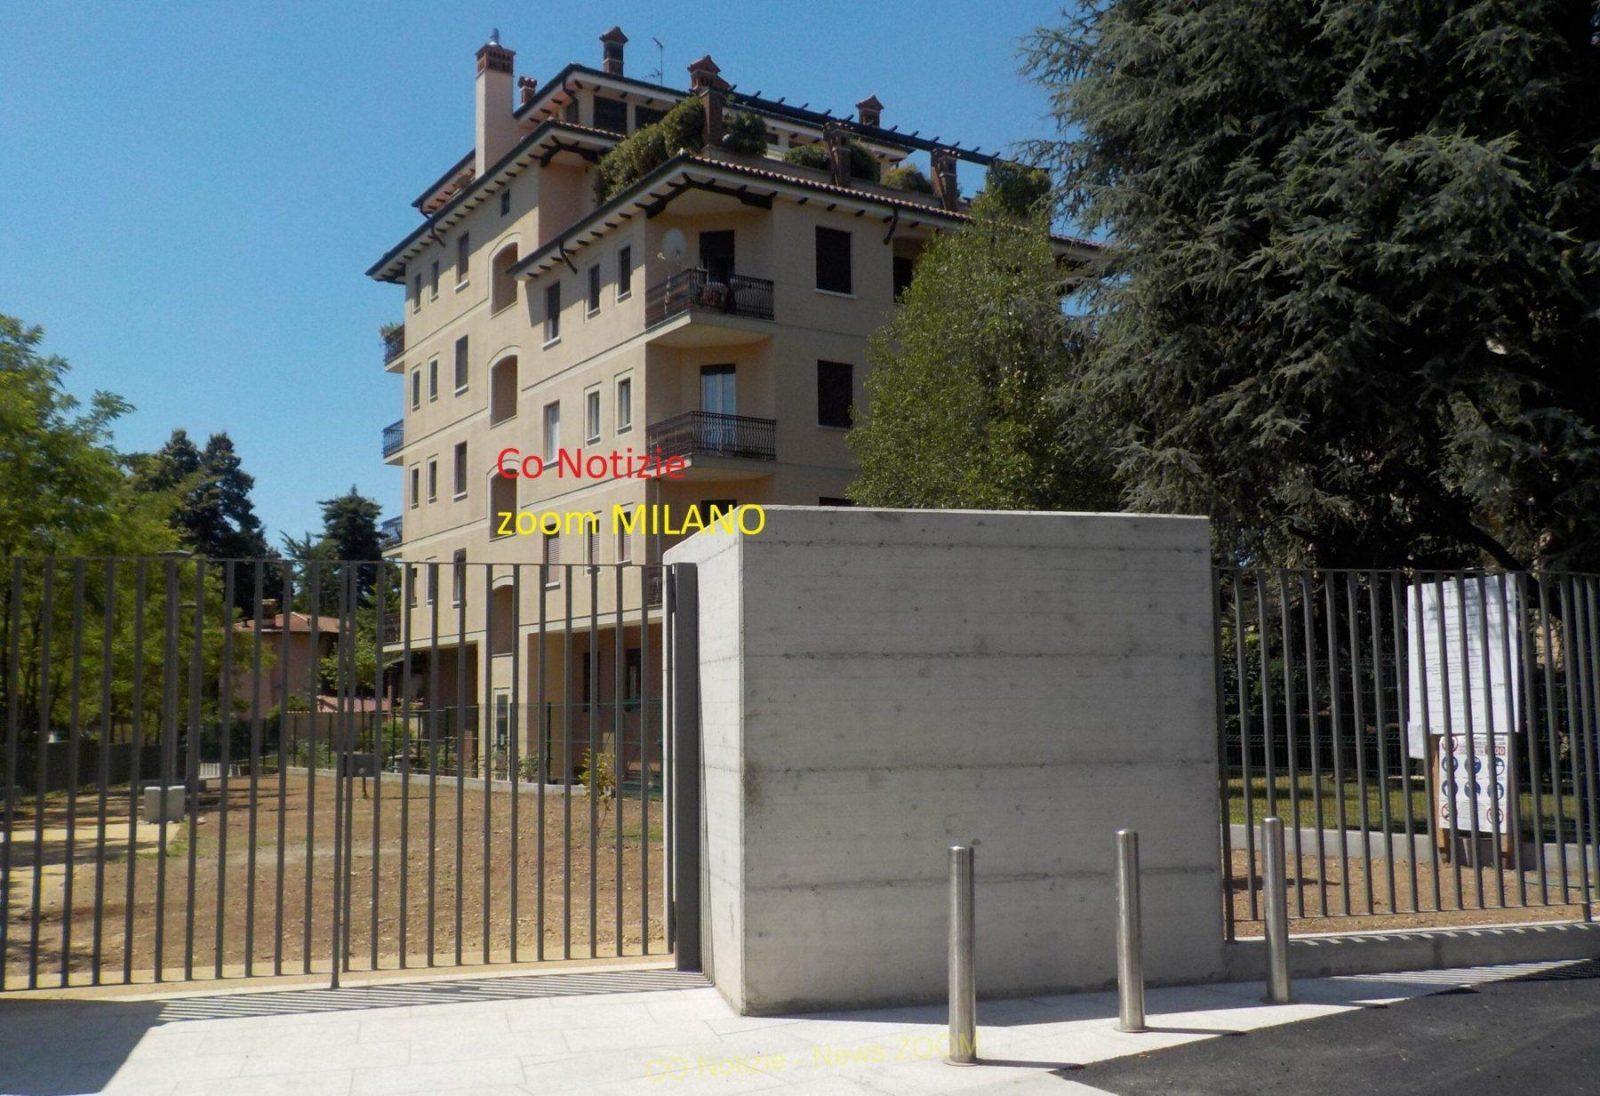 Corbetta - E' prossima all'apertura l'area verde di piazza 1°Maggio. Corbetta 26/06/2021